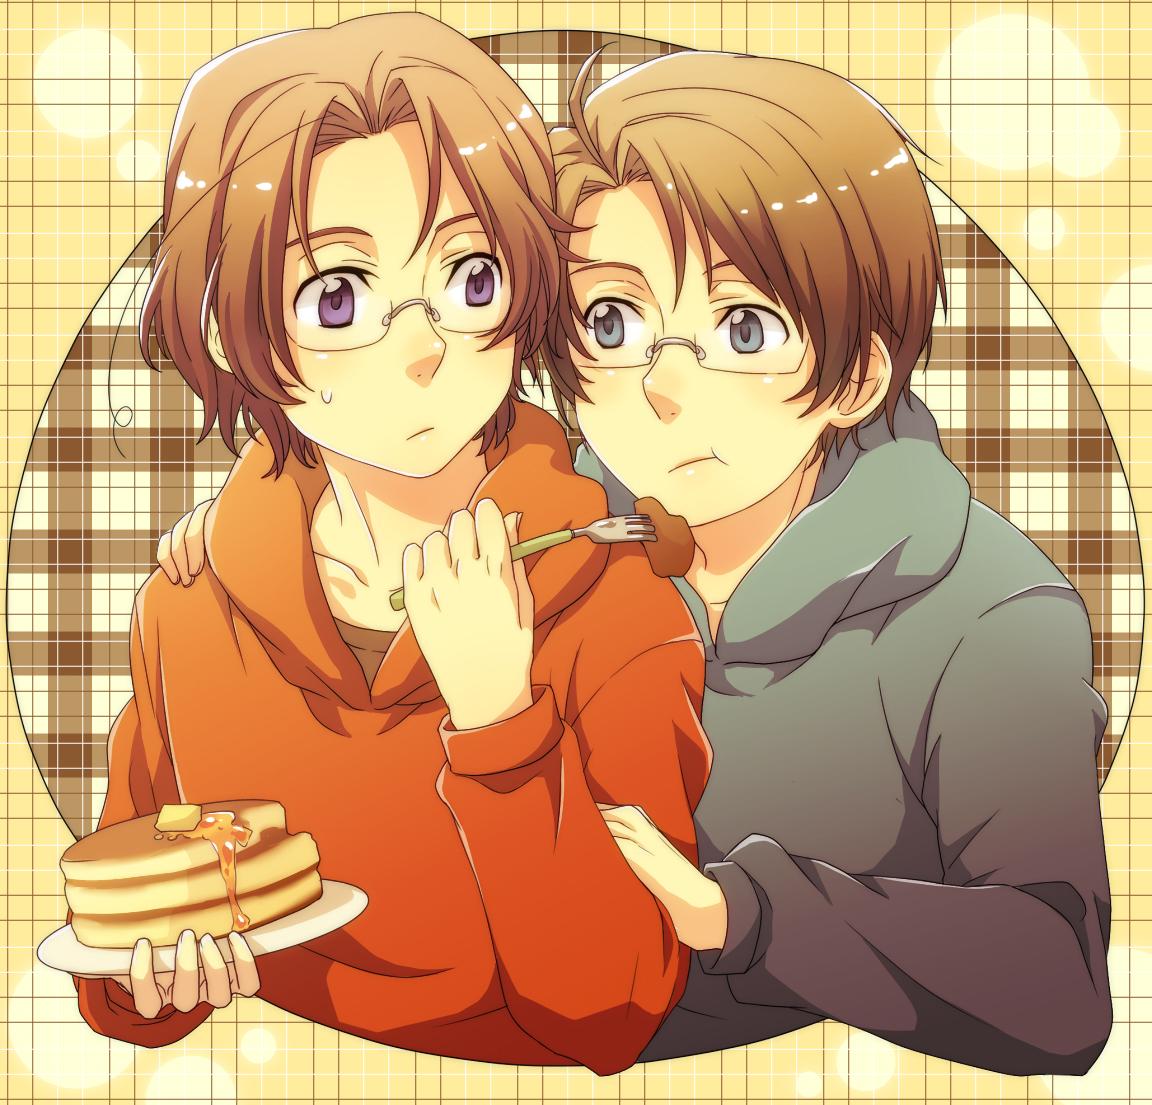 hetalia-siblings-north-america-anime-siblings-29799645-1152-1105.jpg